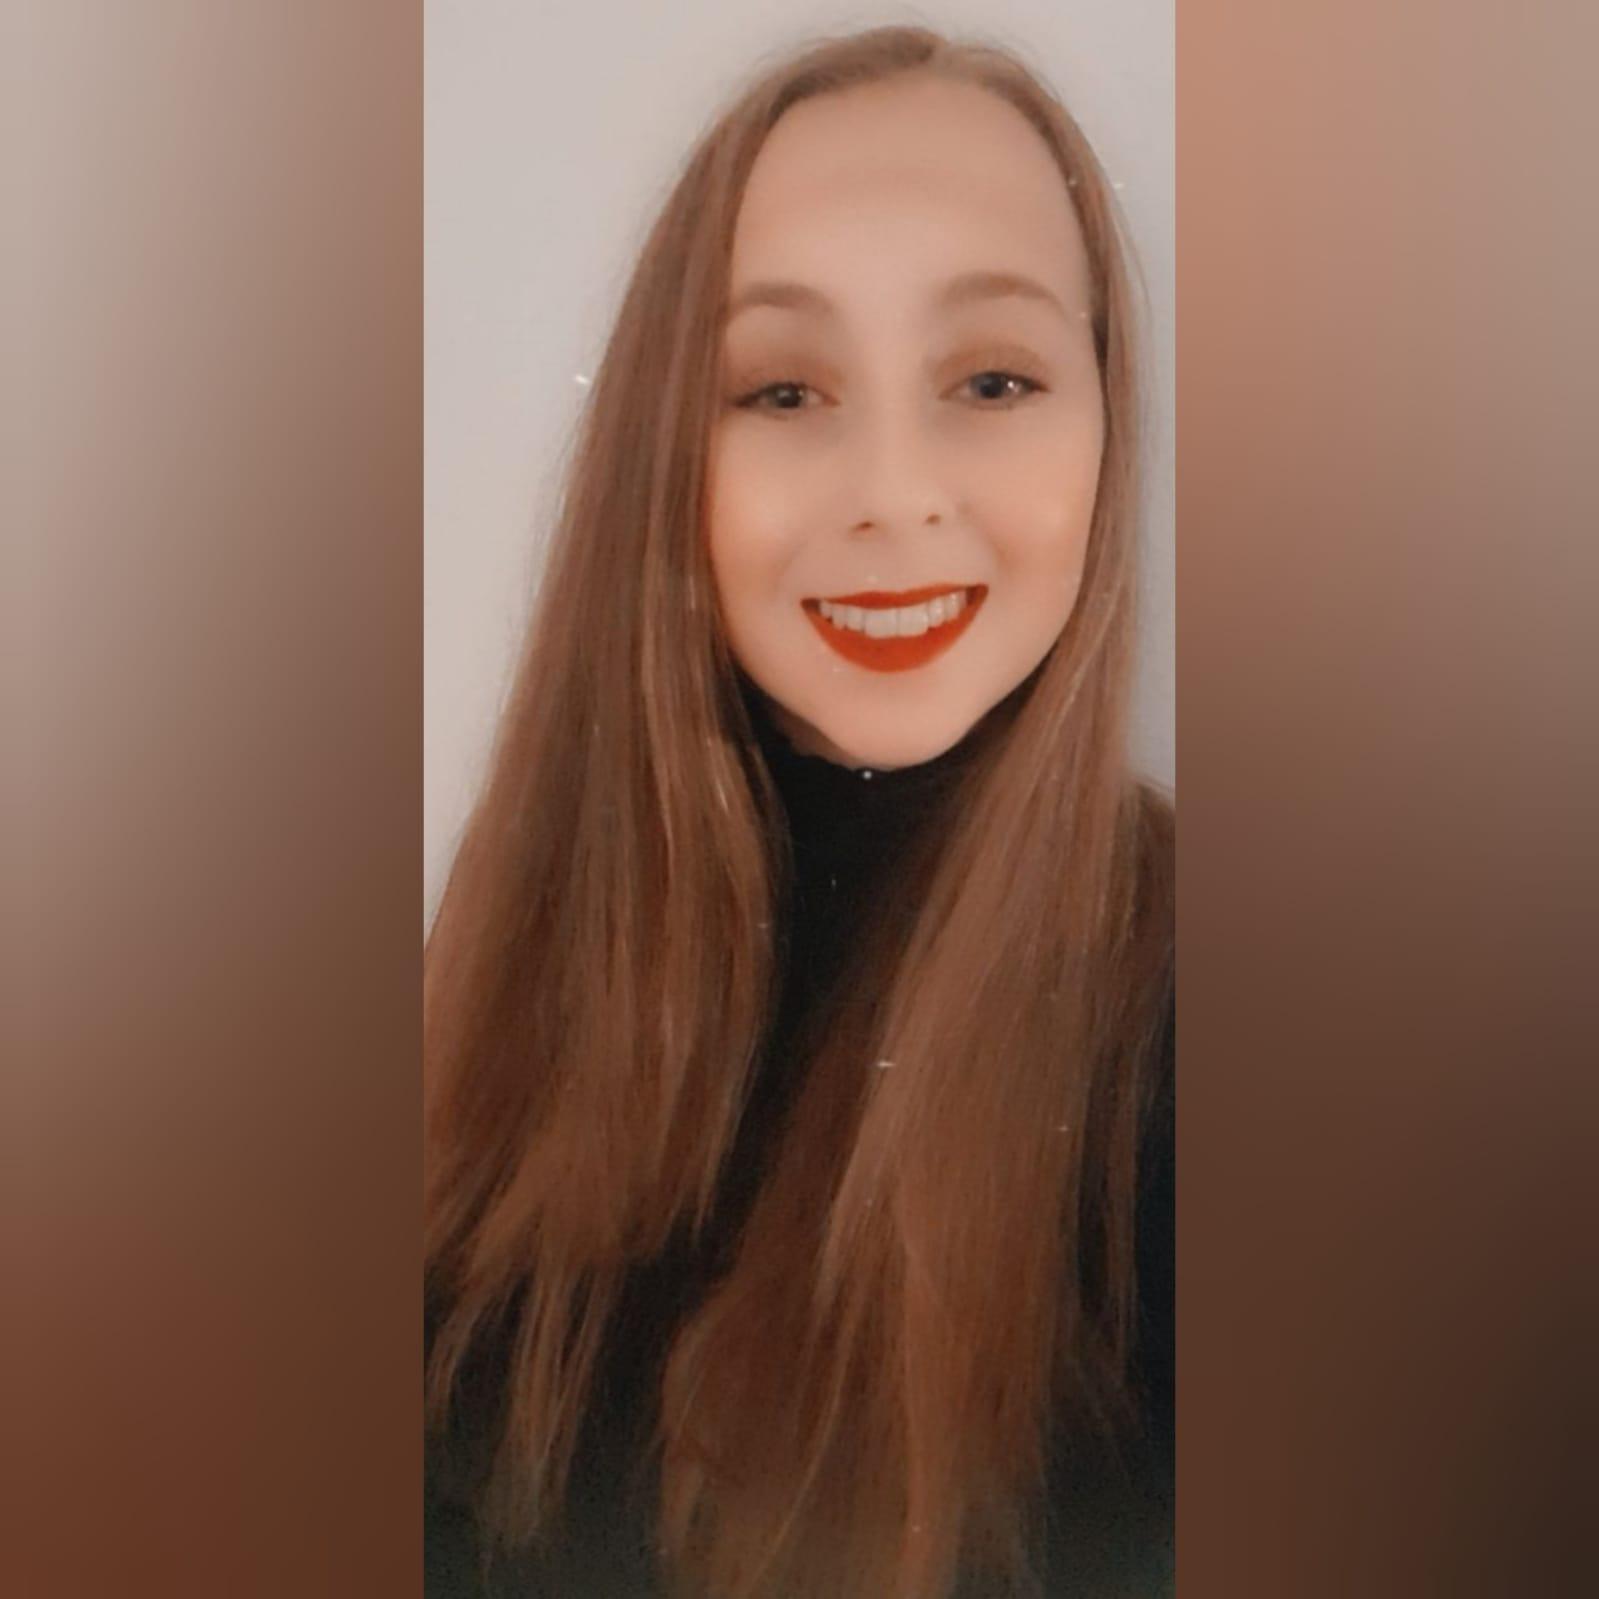 Melina Stecher